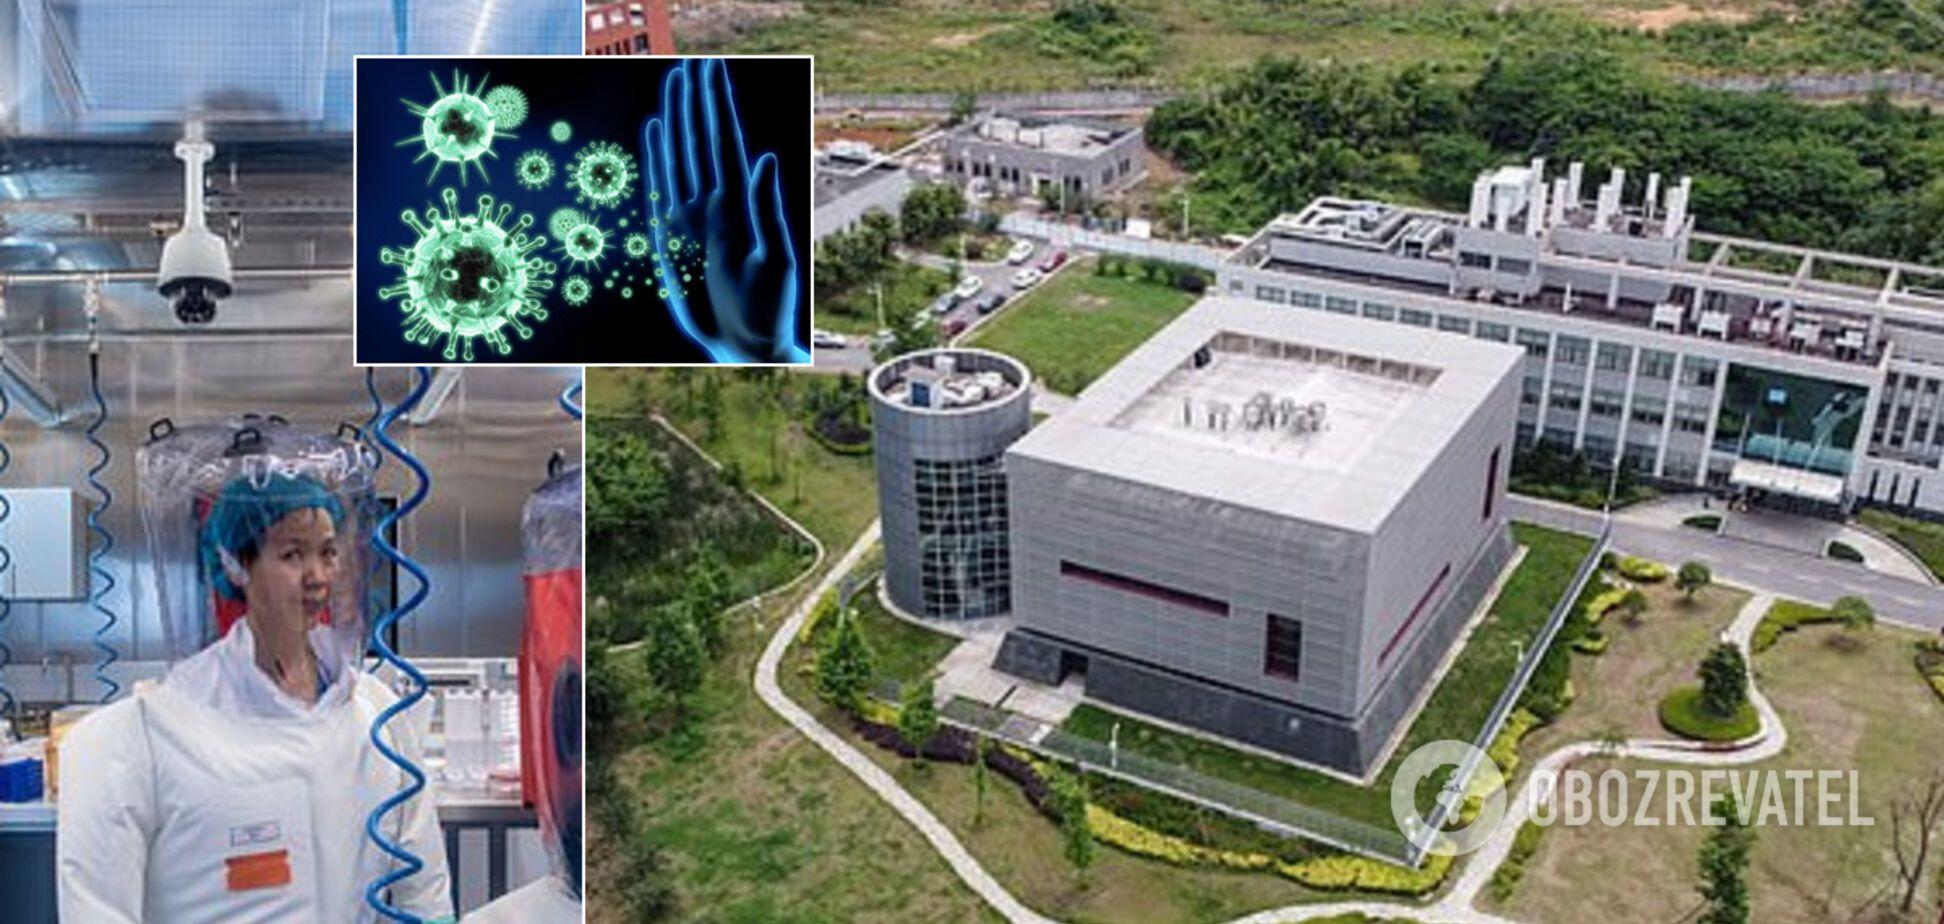 Є ще три штами, крім COVID-19: у лабораторії Уханя зробили зізнання